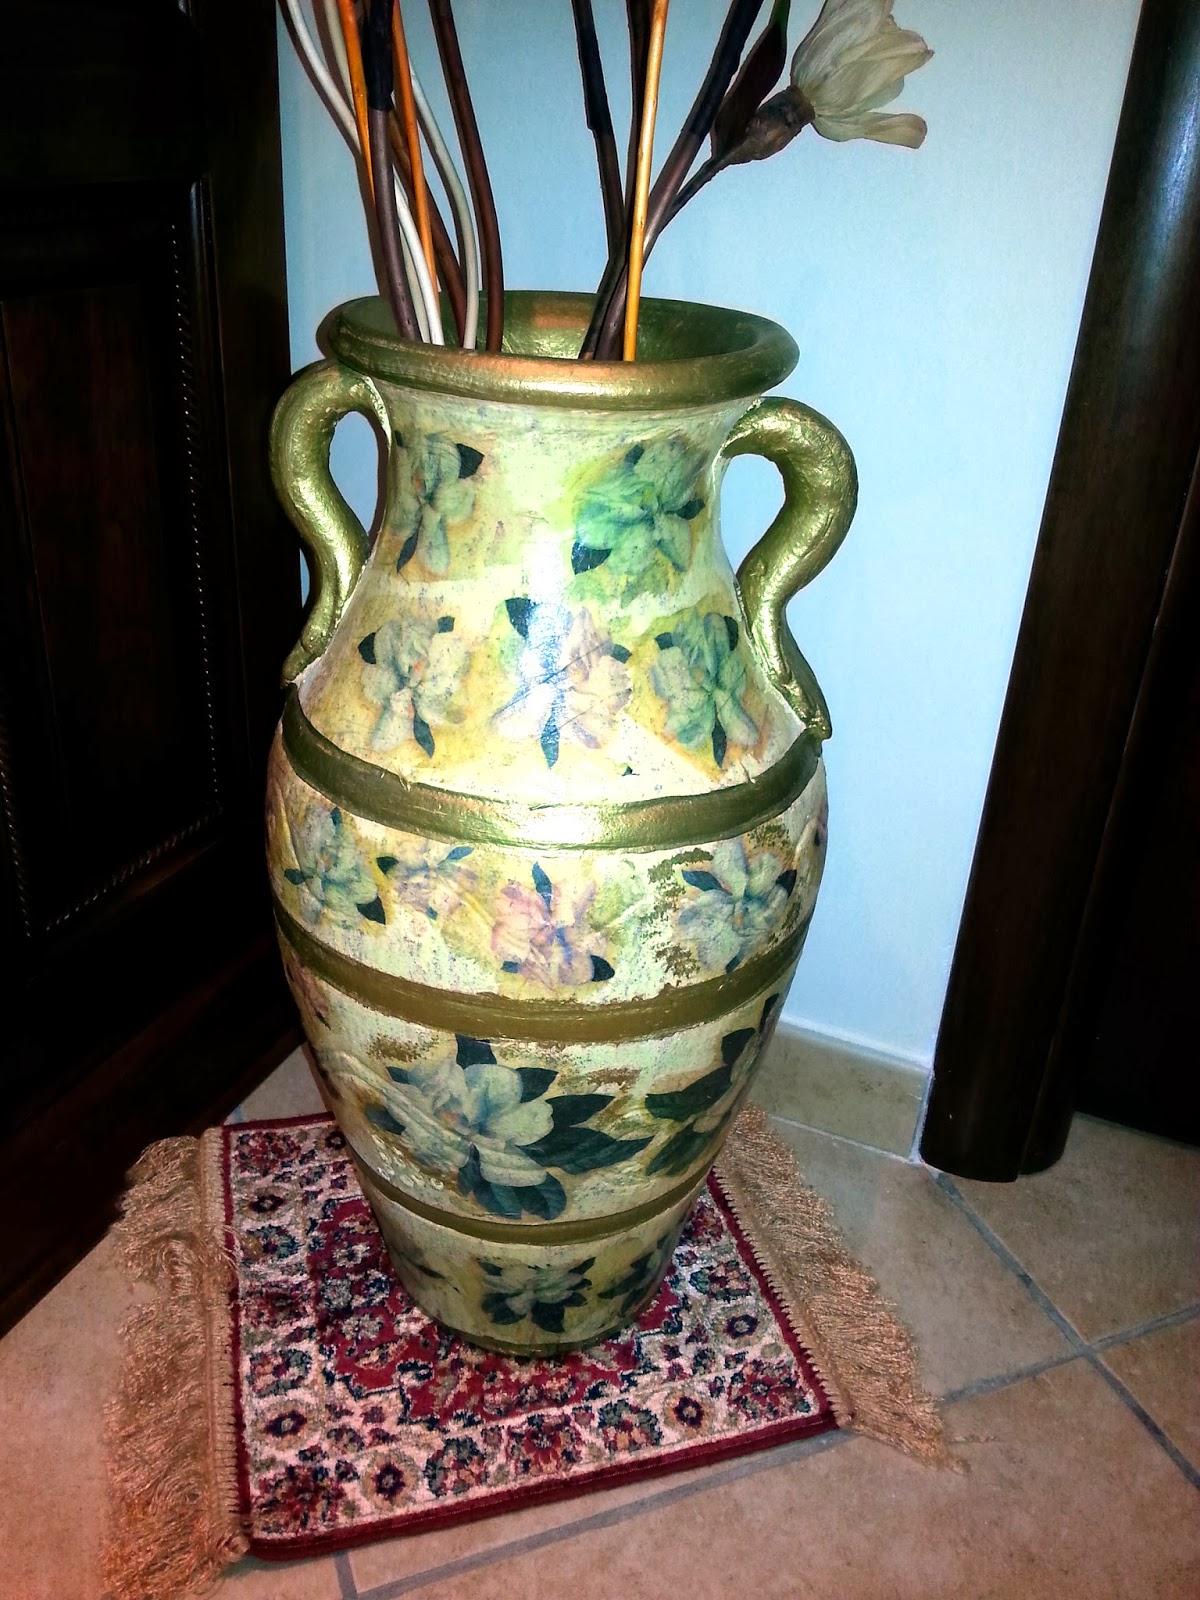 Riciclando con il decoupage bottiglie vasi e damigiane recuperate e riciclate con il decoupage - Decoupage su mobili vecchi ...